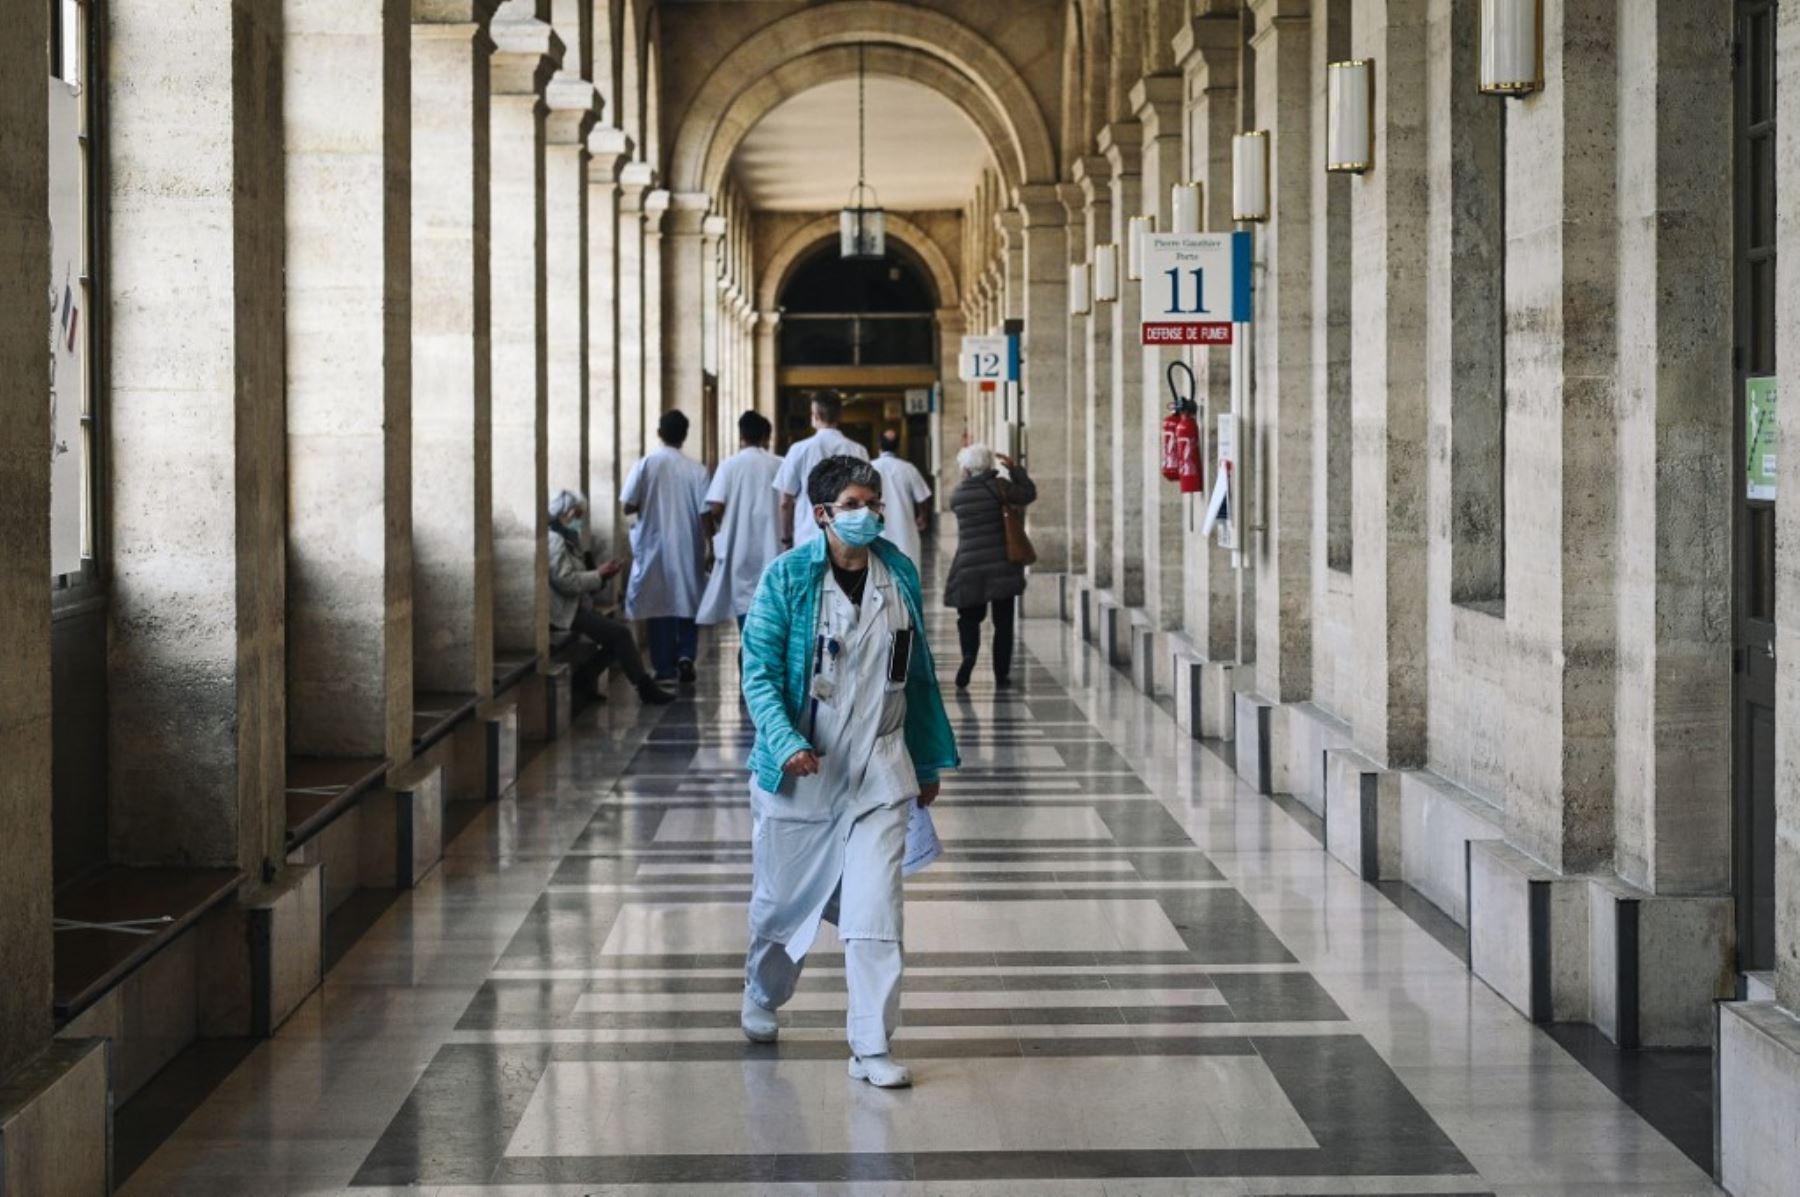 Un miembro del personal médico camina dentro del callejón principal del Hospital Lariboisiere en París. Foto: AFP